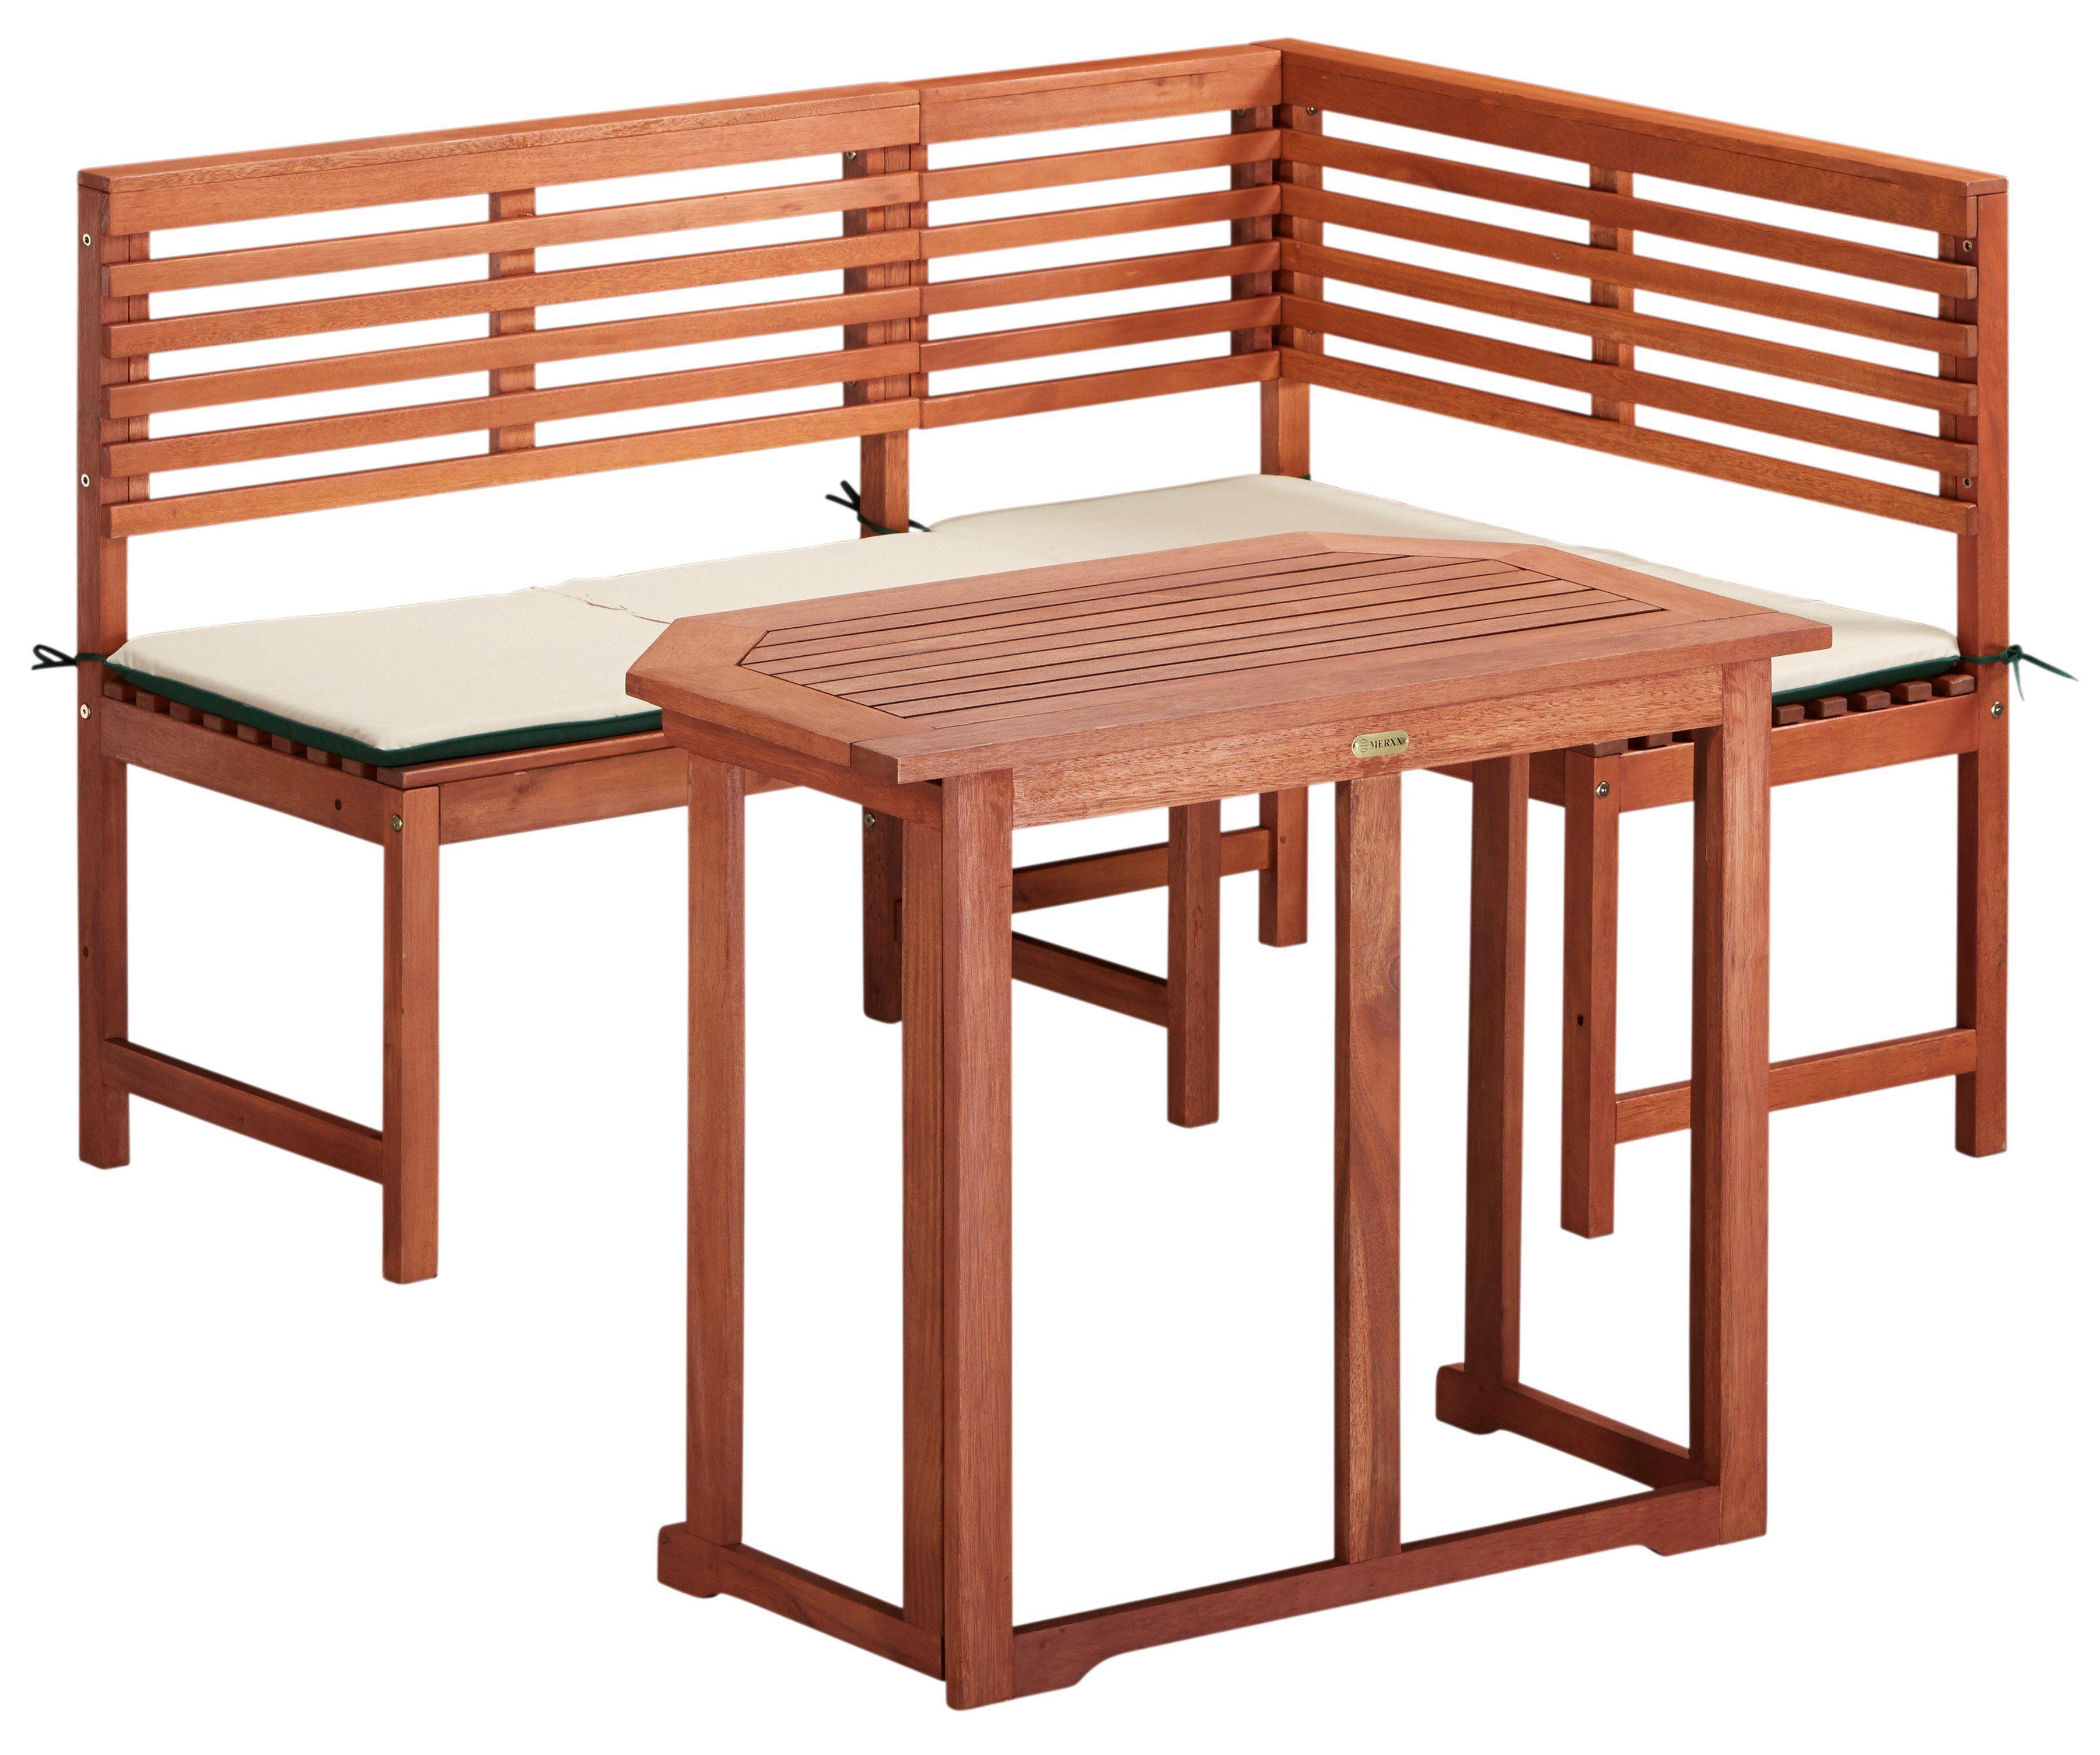 MERXX Gartenmöbelset 4-tlg., Eckbank, Tisch 90x60 cm, klappbar, Eukalyptus, braun